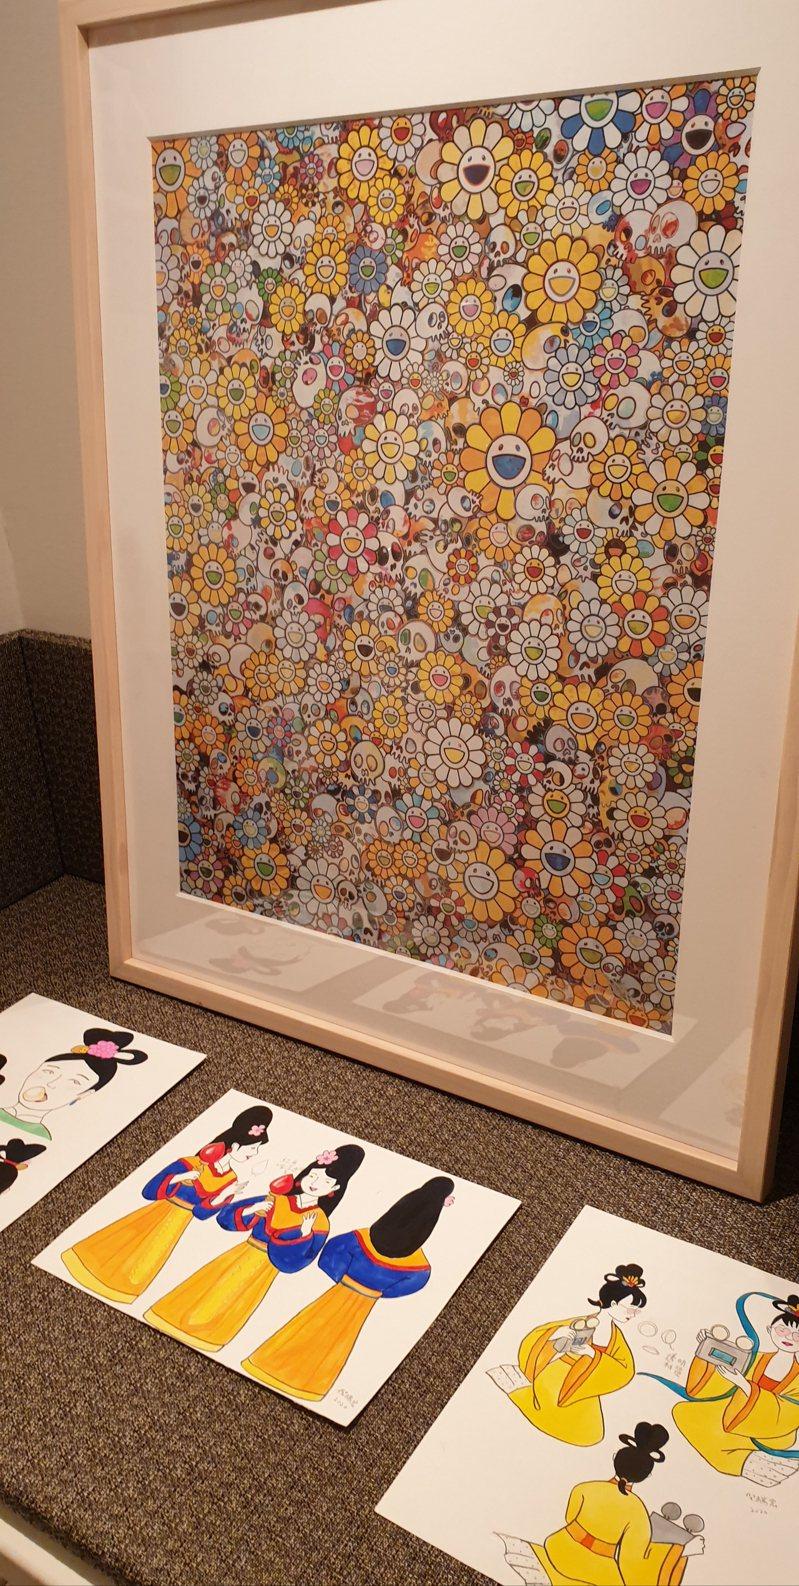 藝術家倪瑞宏透過對「仙女」形象的顛覆與現代化,表達與反諷現代女性的生活與處境。記者陳宛茜/攝影